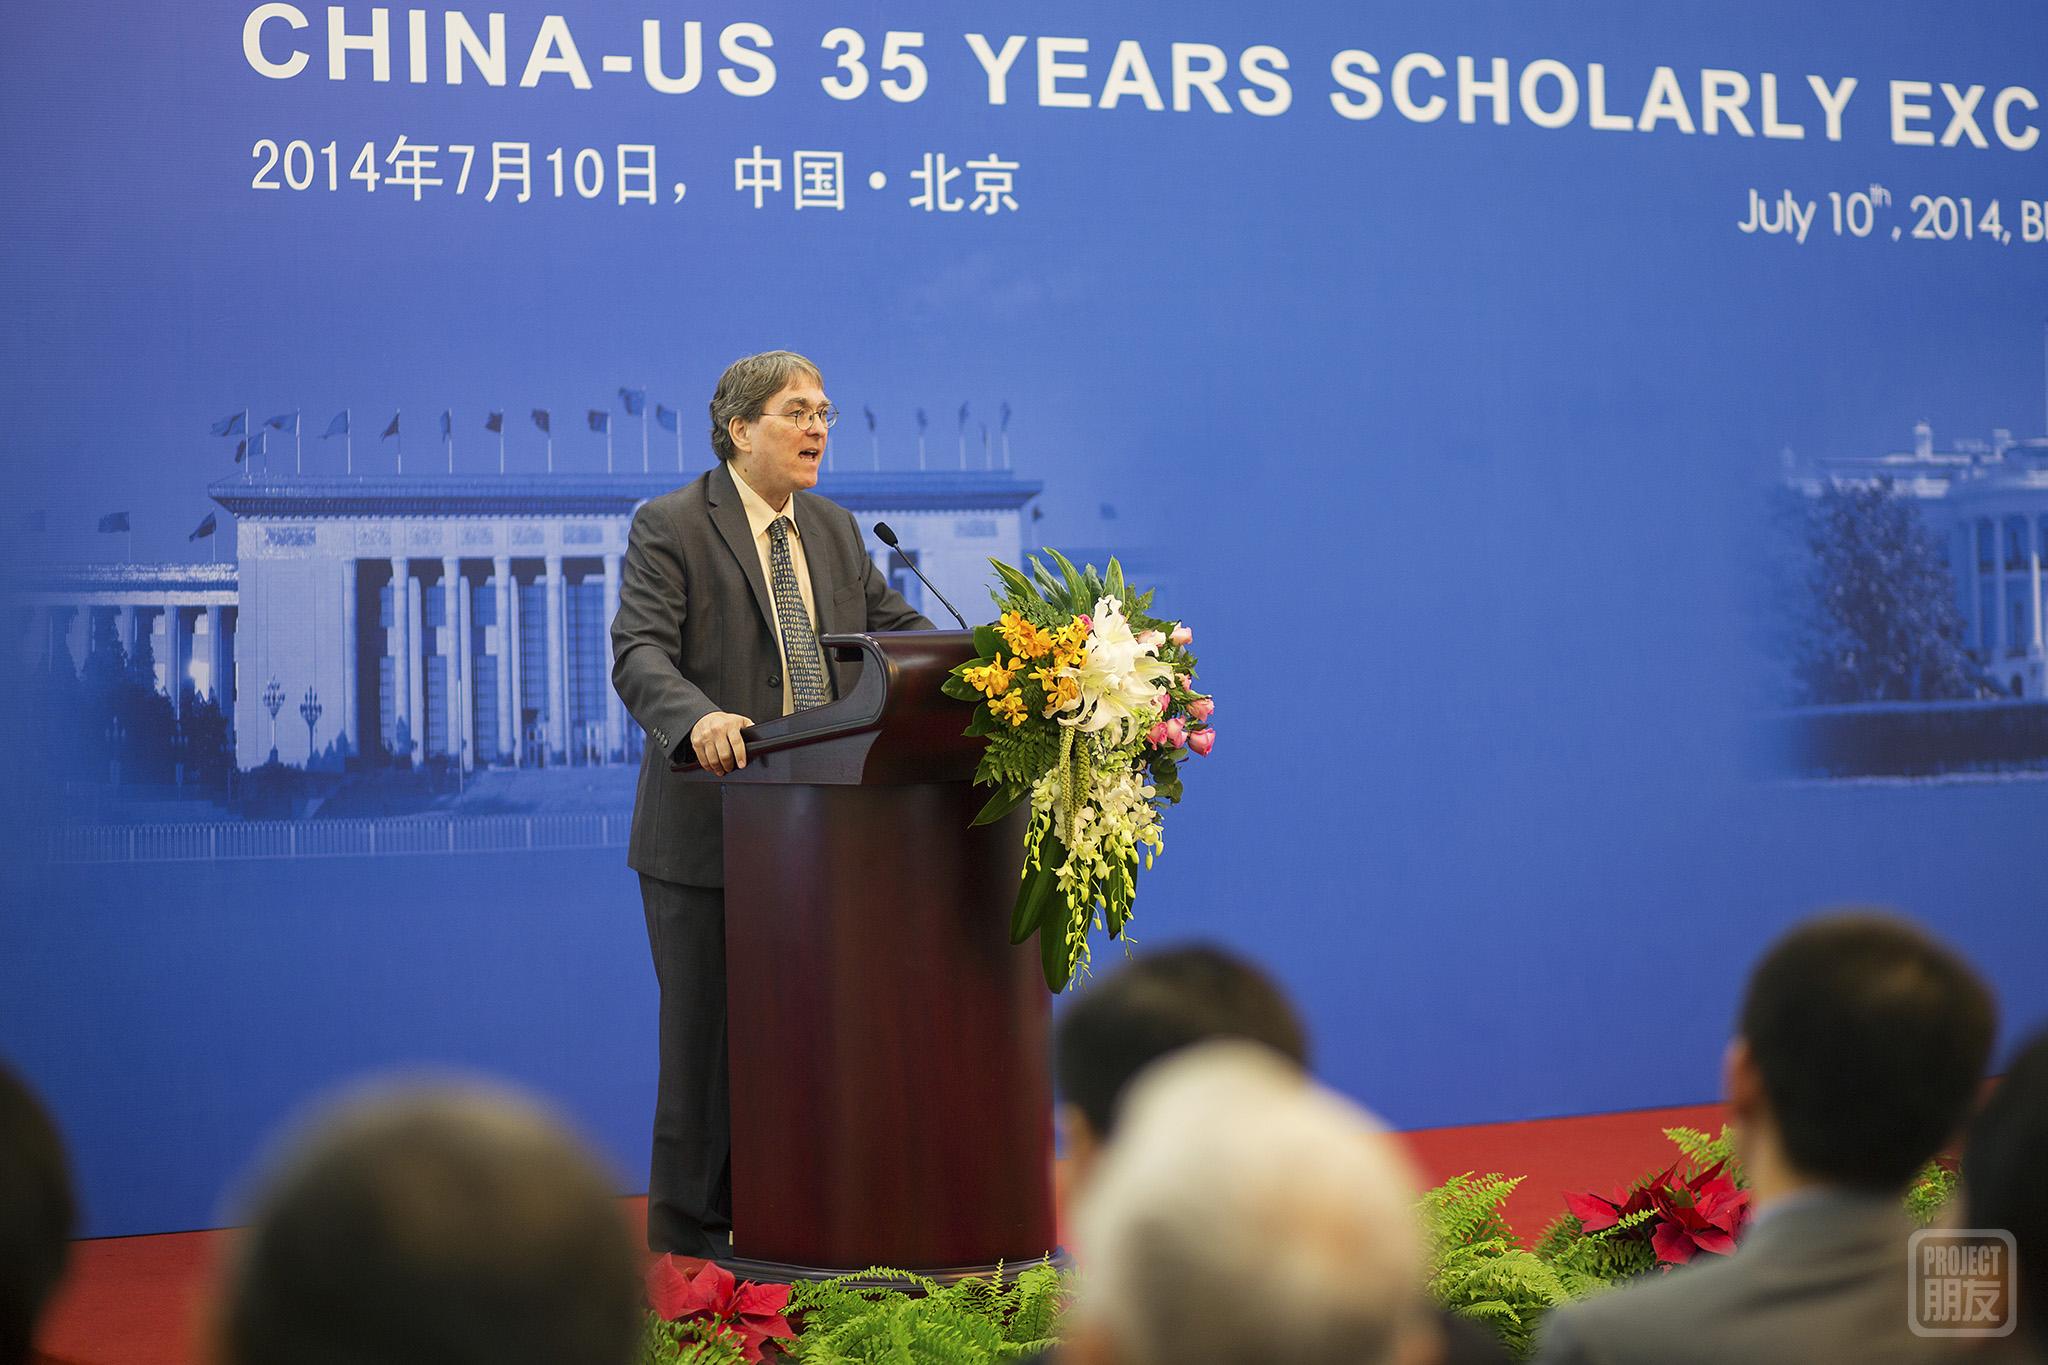 David Moser, Academic Director at CET Chinese Studies.